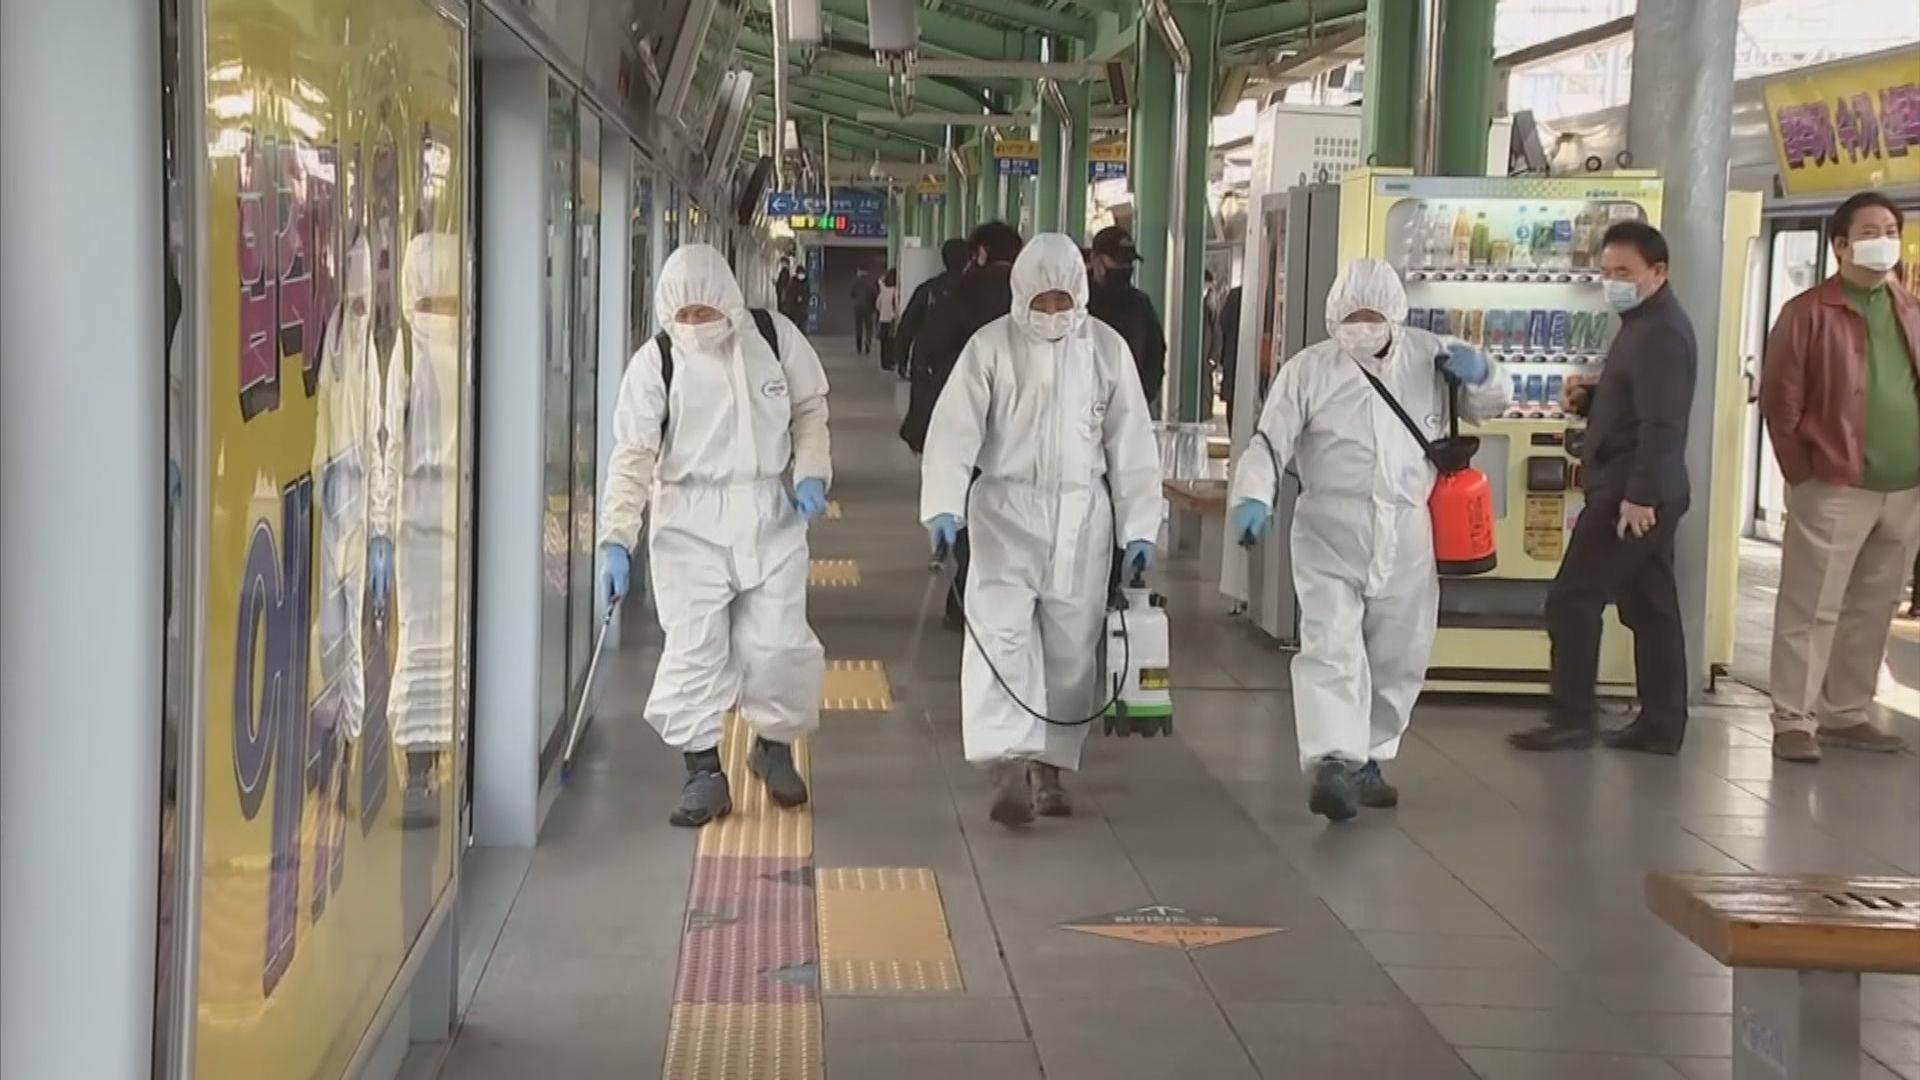 南韓疫情反彈 首都圈周四起收緊社交距離限制措施